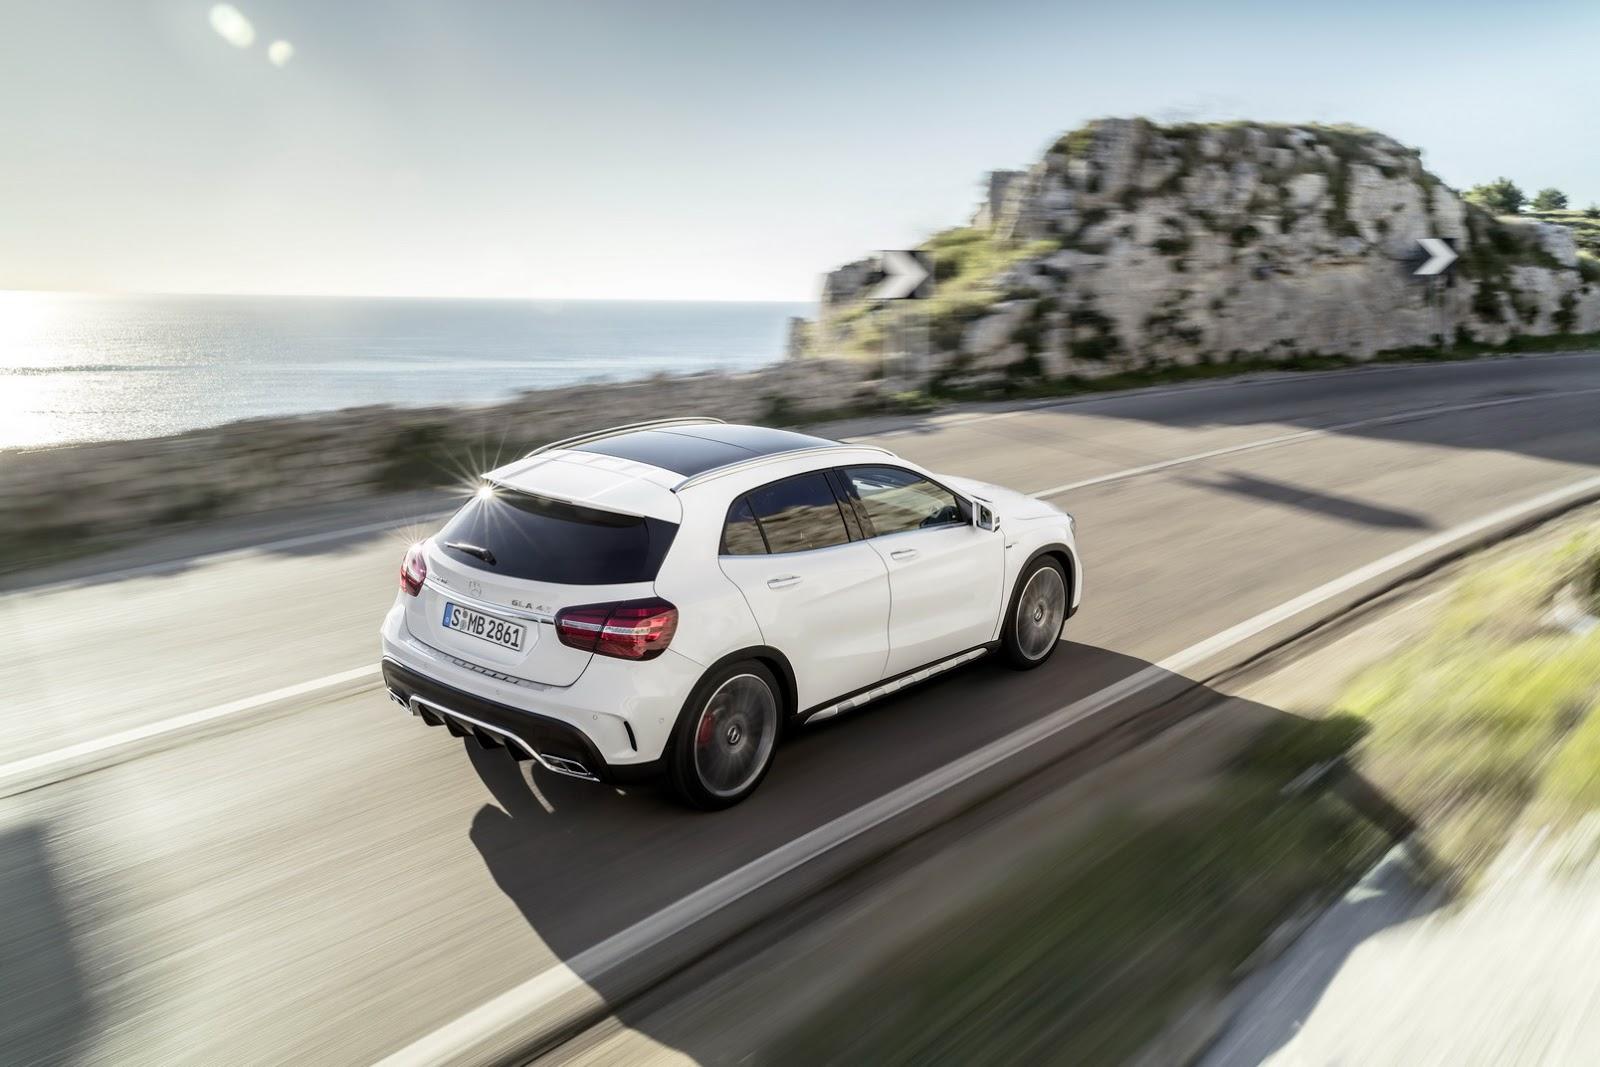 Mercedes GLA facelift and GLA 45 AMG facelift 2017 (4)